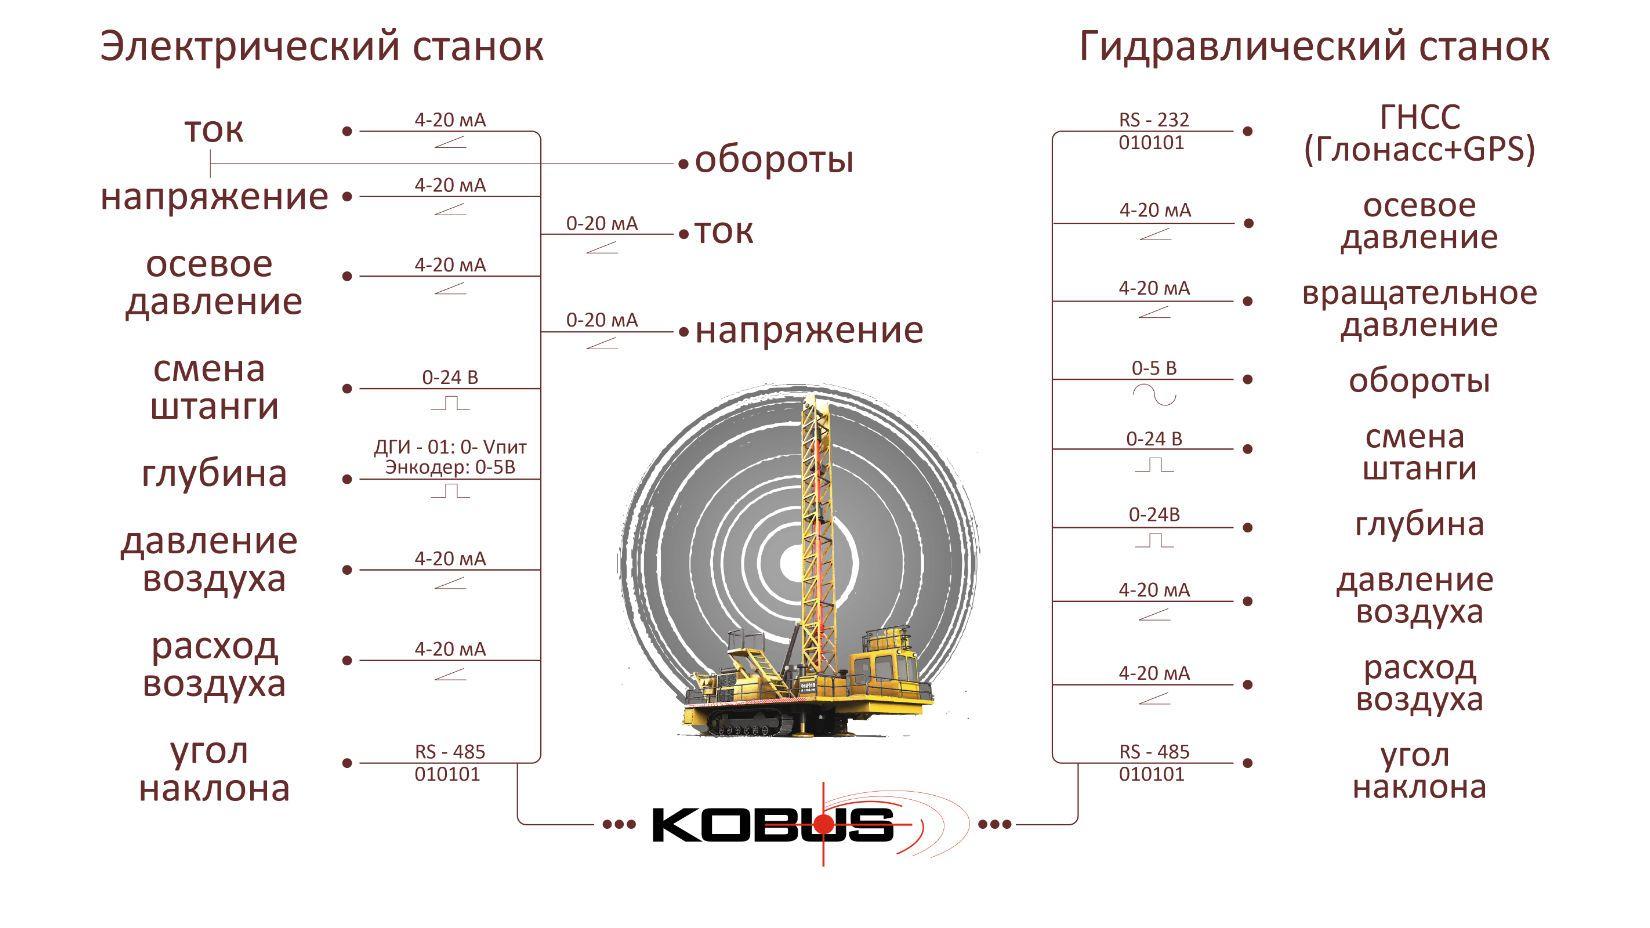 кобус таблица Монтажная область